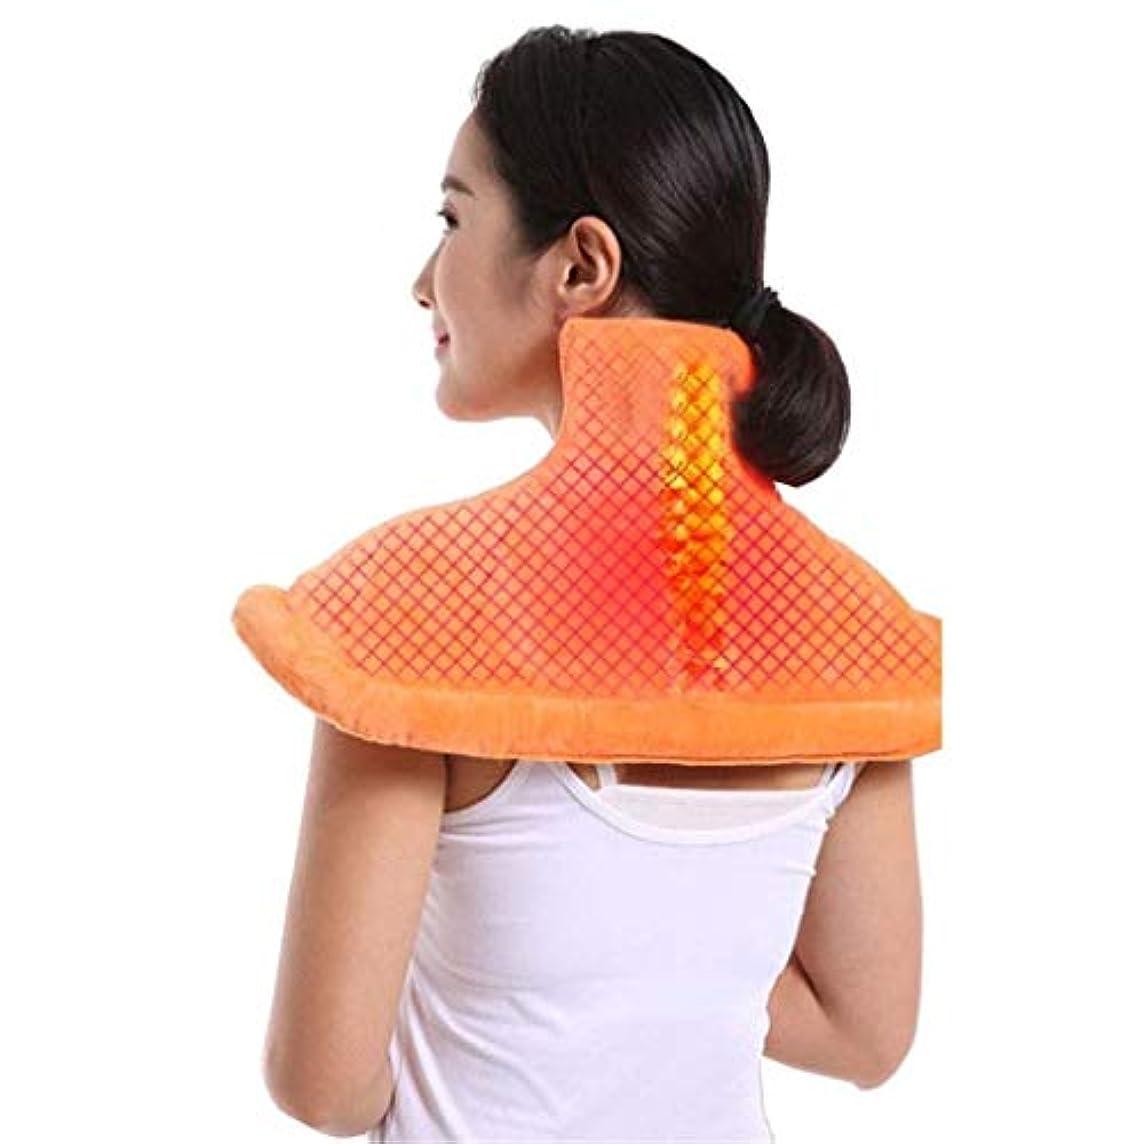 ハイライト香り排気首のマッサージャー、電熱パッド、首と肩と背中の痛みを和らげるツール、ストレス緩和筋肉温熱療法パッド